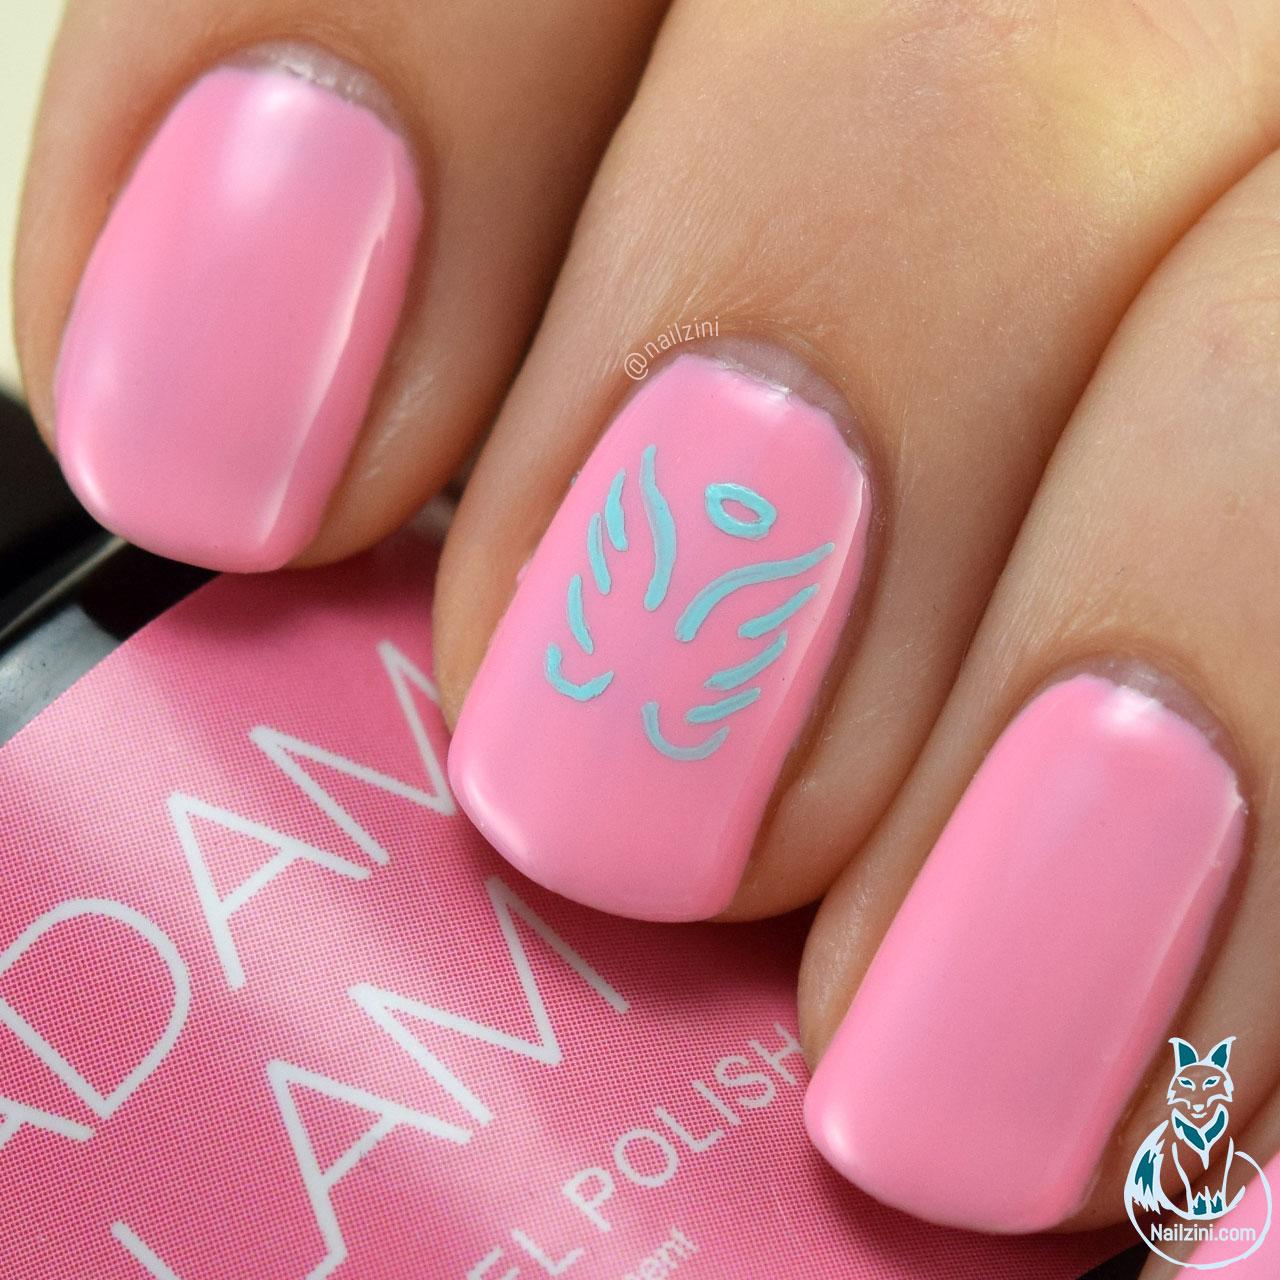 Madam Glam Pastel Gels Review | Nailzini: A Nail Art Blog